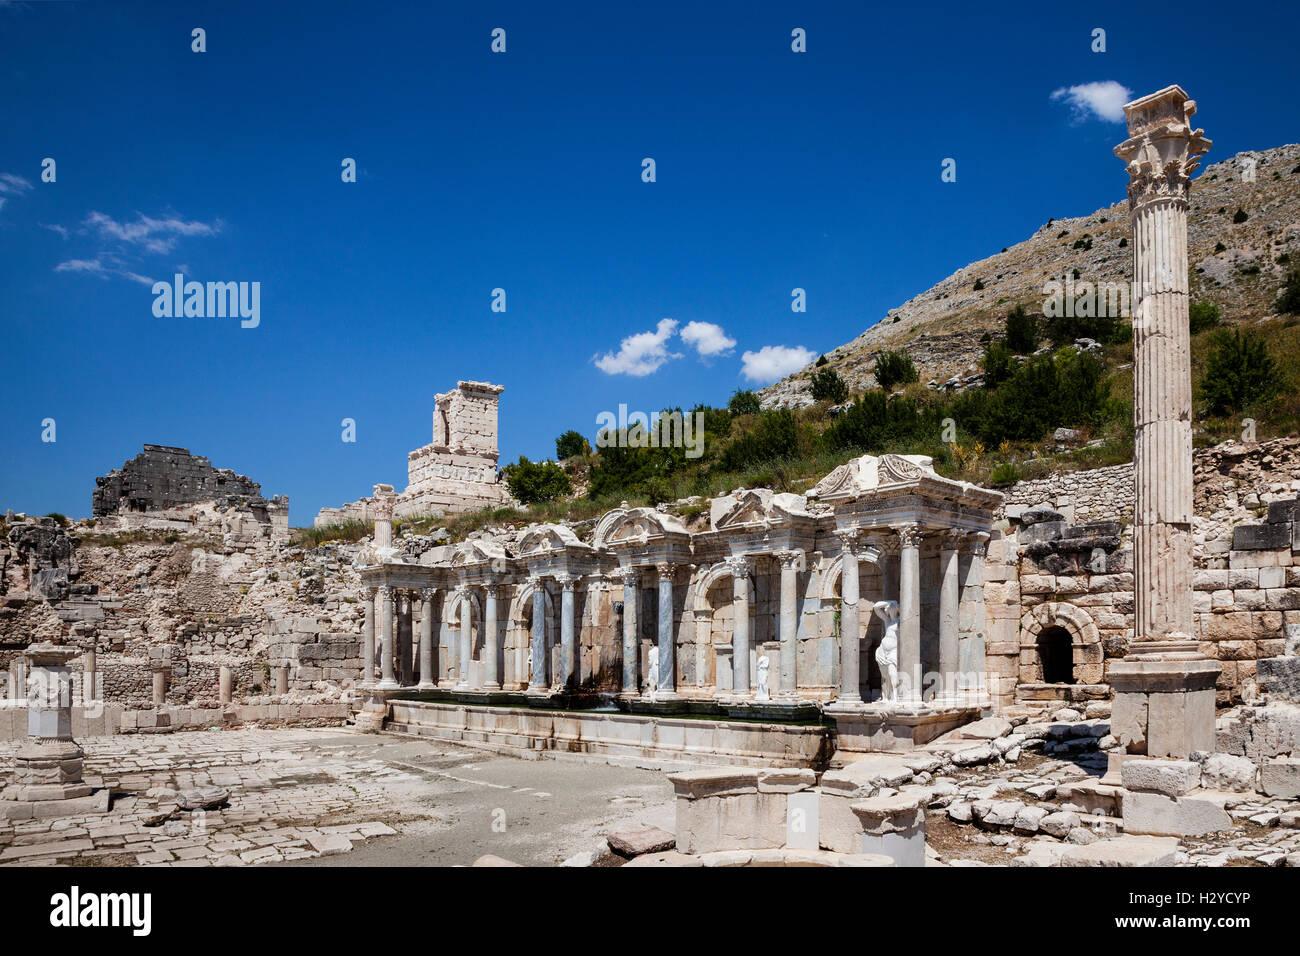 Antoninus Fountain of Sagalassos in Isparta, Turkey - Stock Image